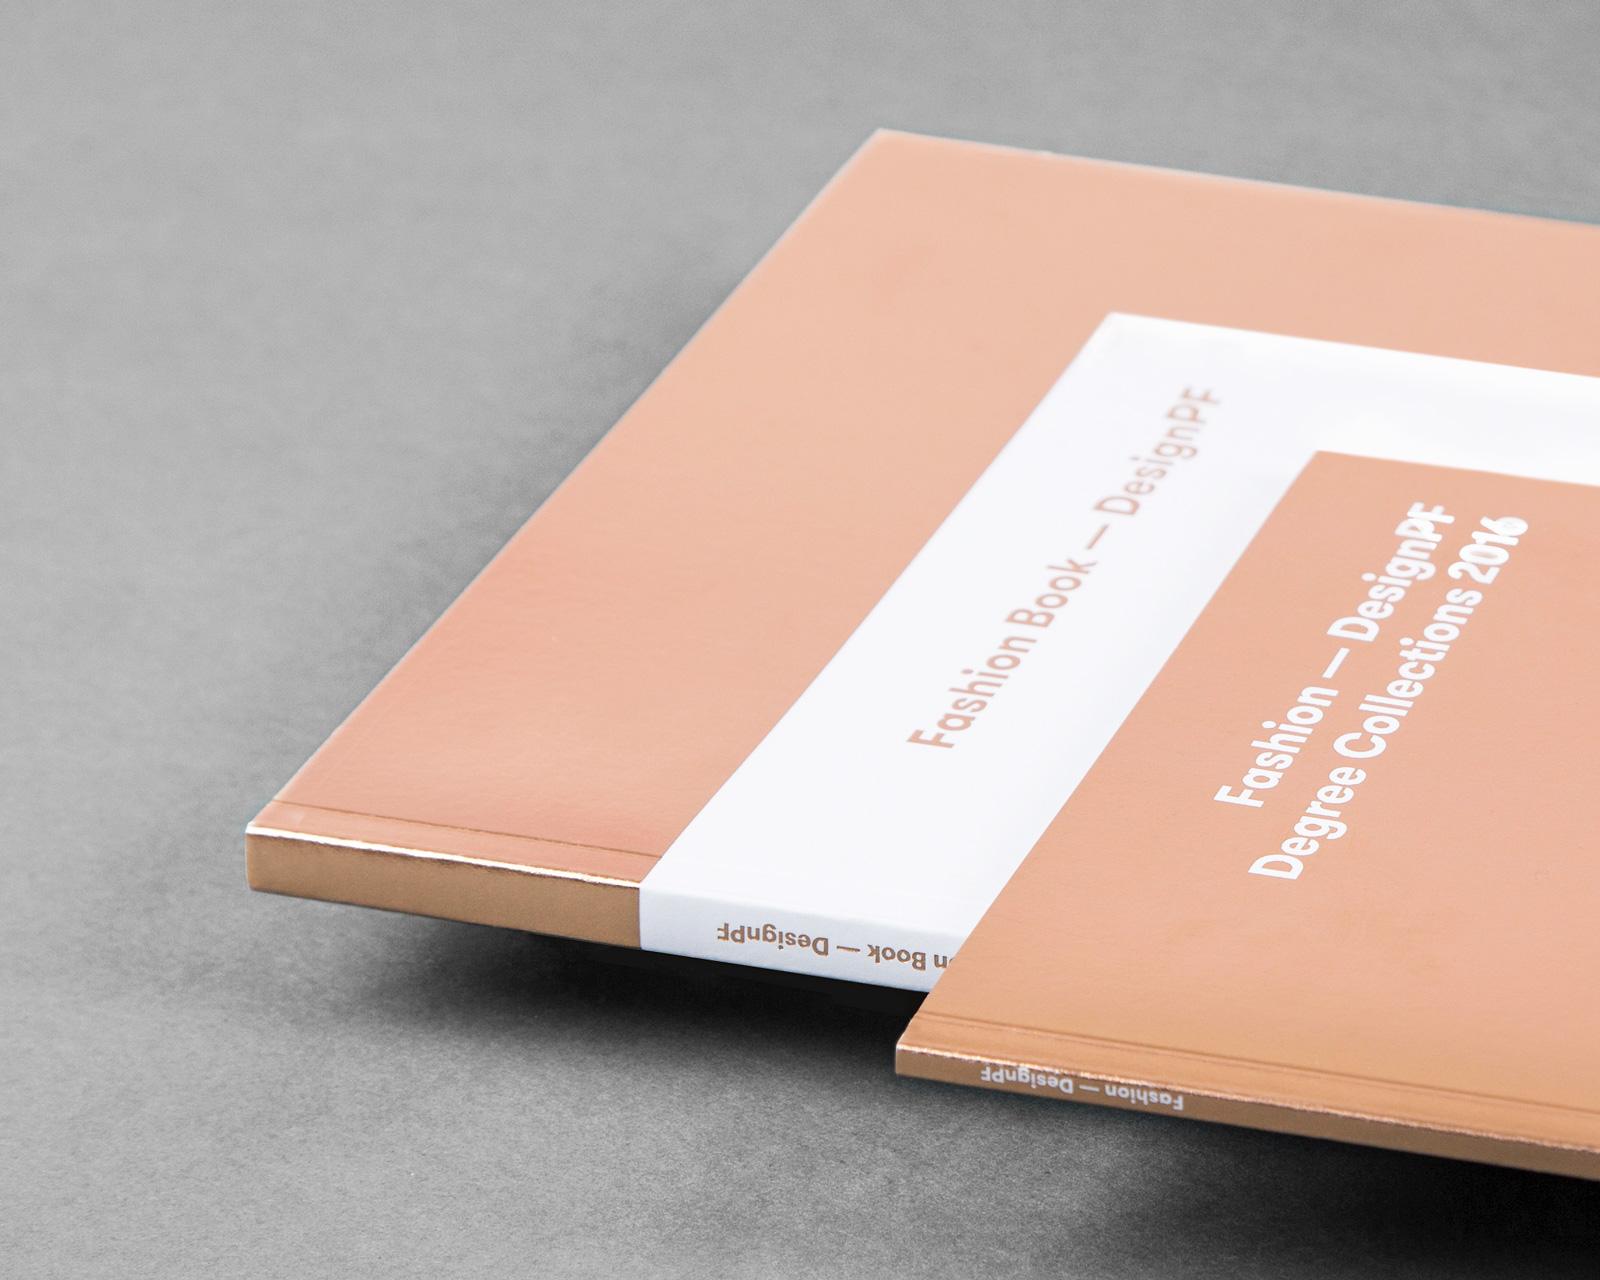 8DMBO-Studio-für-Gestaltung-Fashionbook-hochschule-pforzheim-fashion-mode